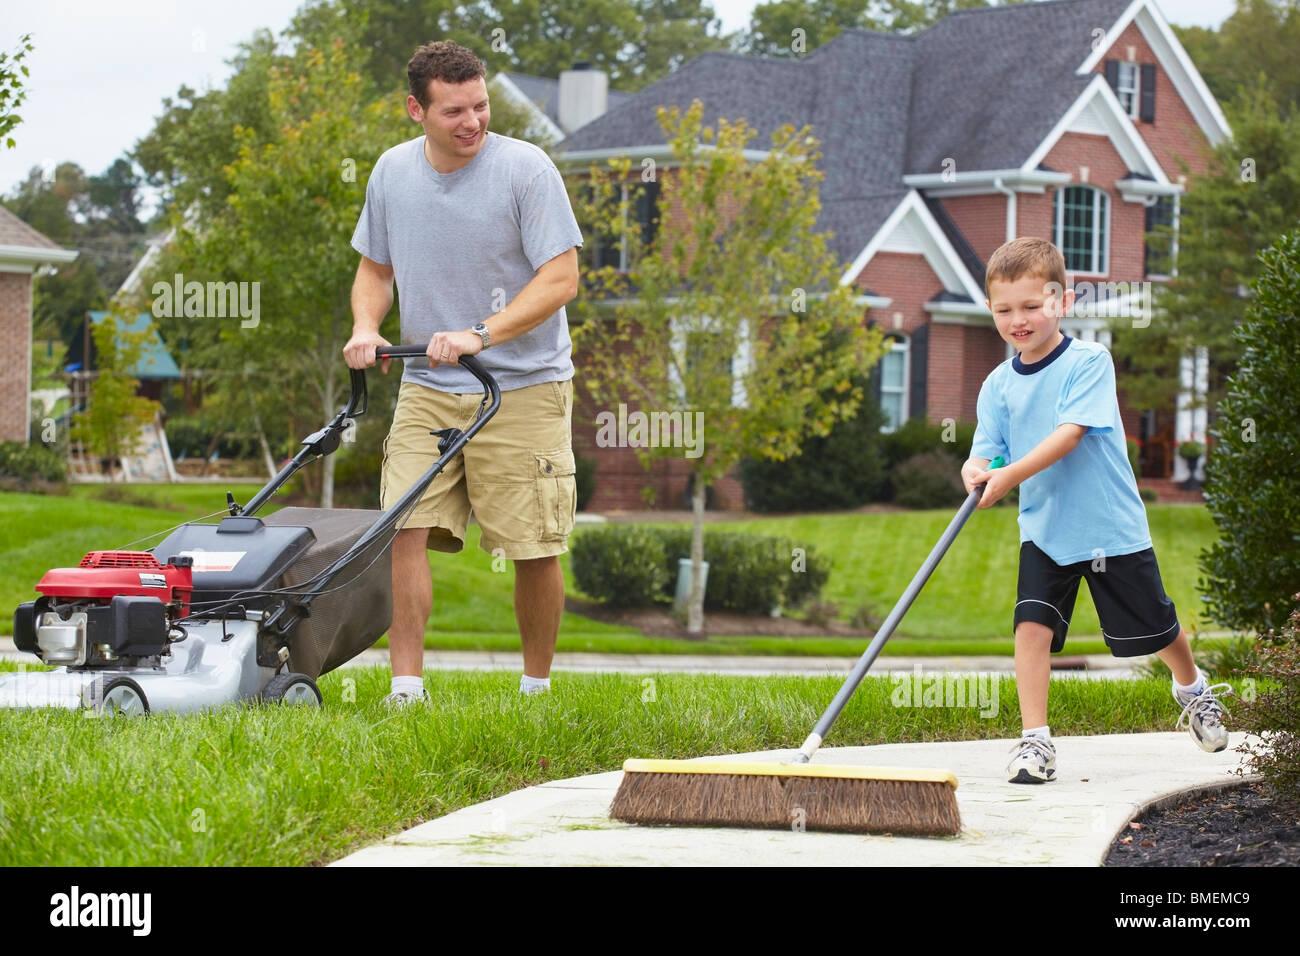 Un père et son fils travaillant dans la cour Photo Stock